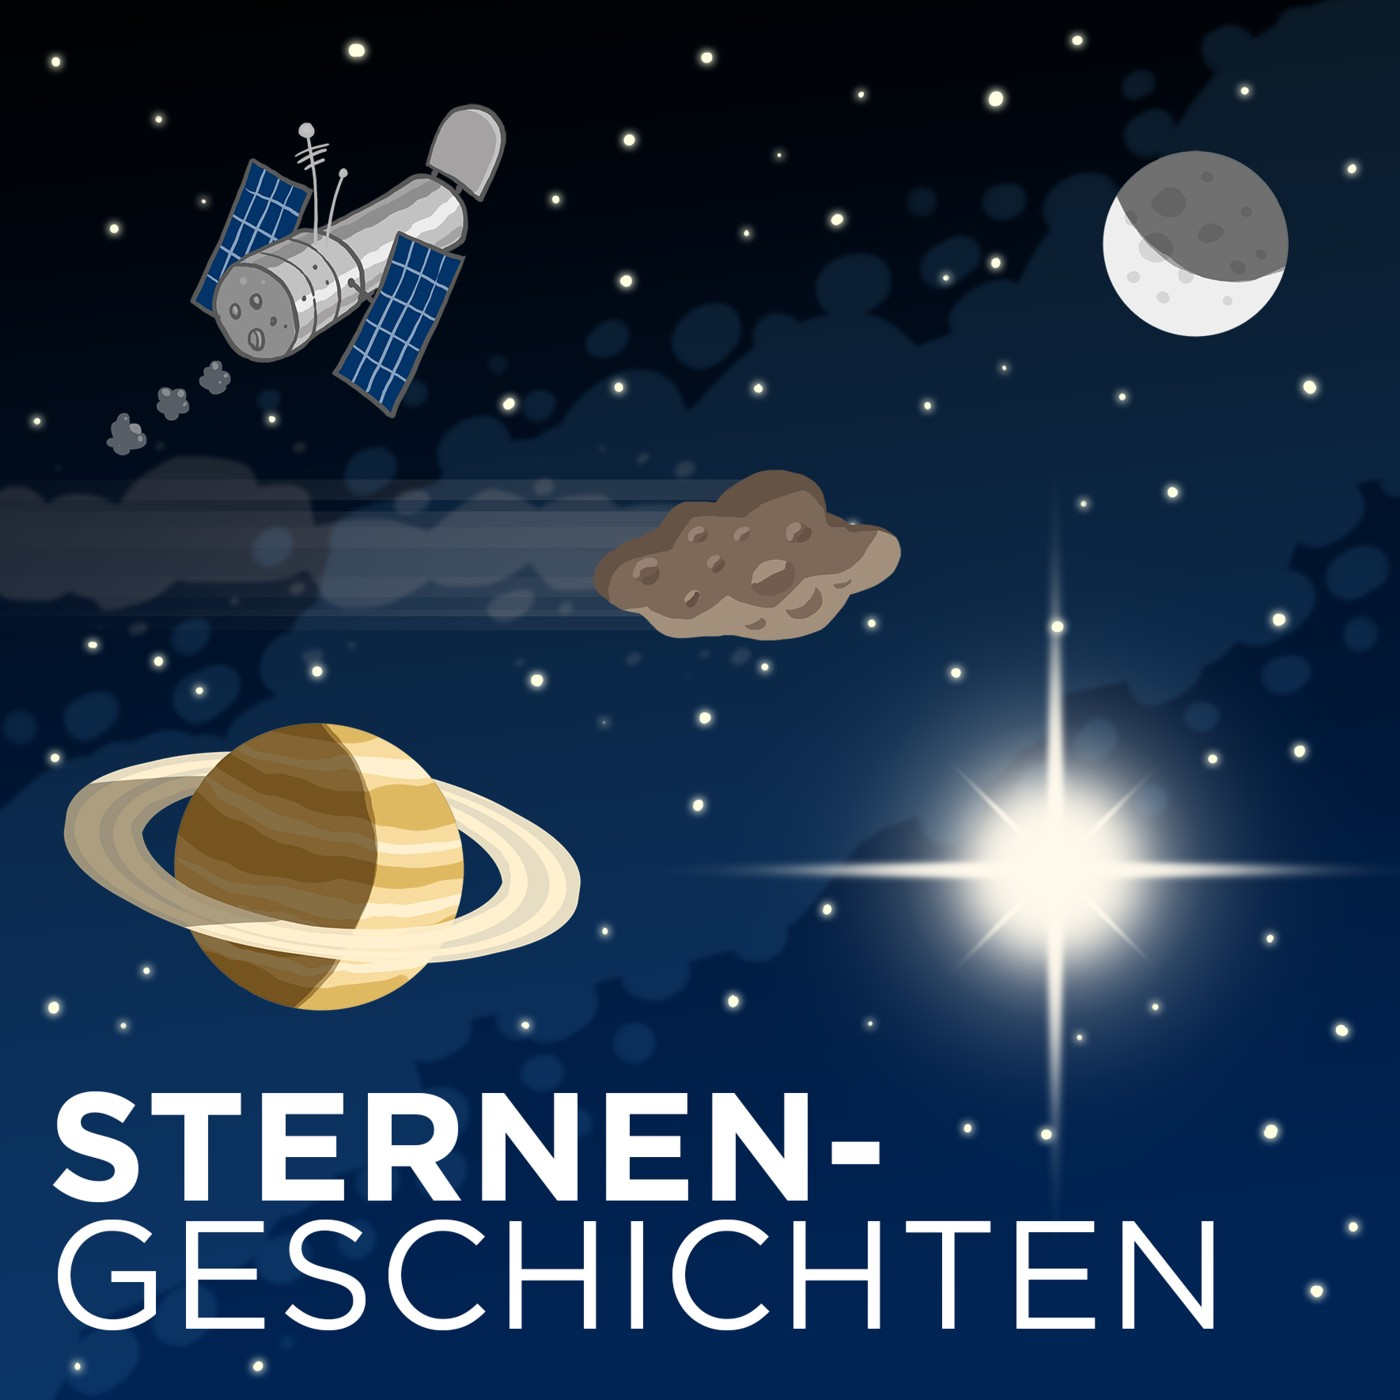 Sternengeschichten Folge 356: 70 Ophiuchi und seine nicht existierenden Planeten